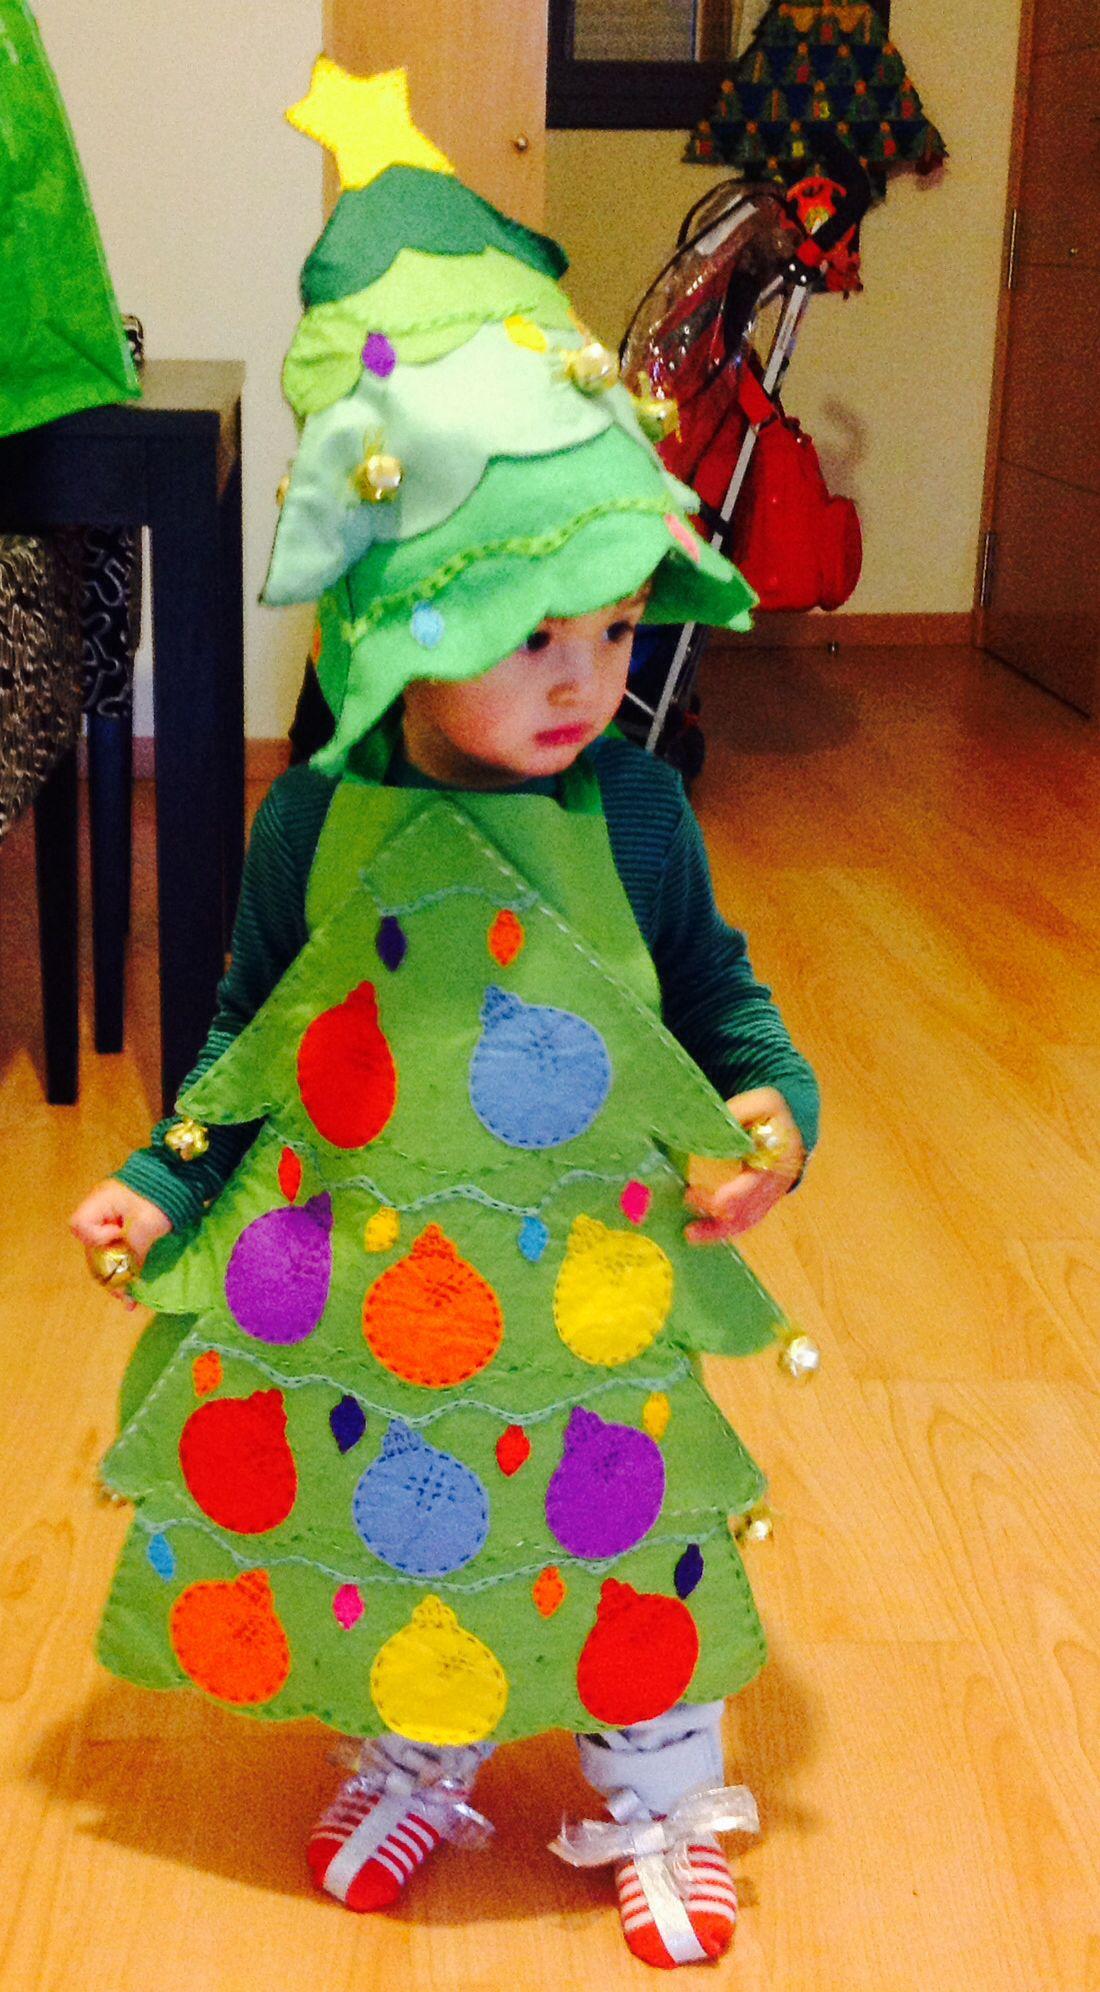 Rbol de navidad disfraces disfraces originales - Disfraces para navidad ...